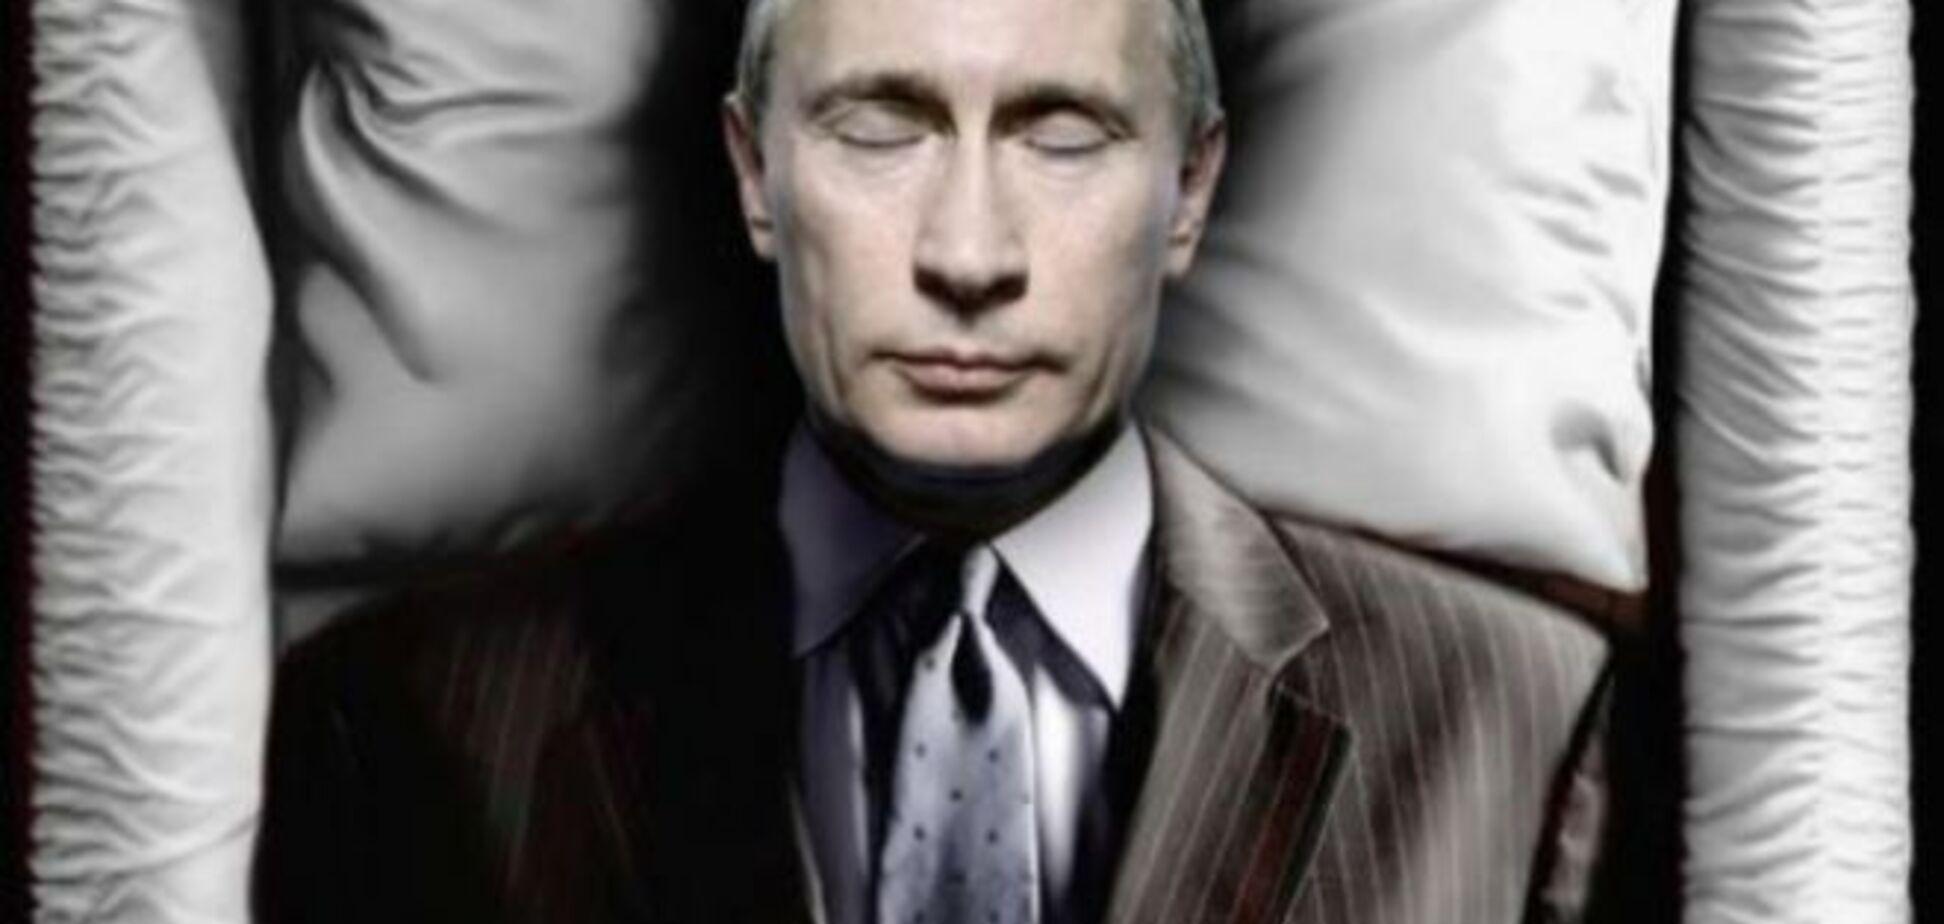 'То ли помер, то ли нет…'. Появилась новая песенка о Путине: видеофакт